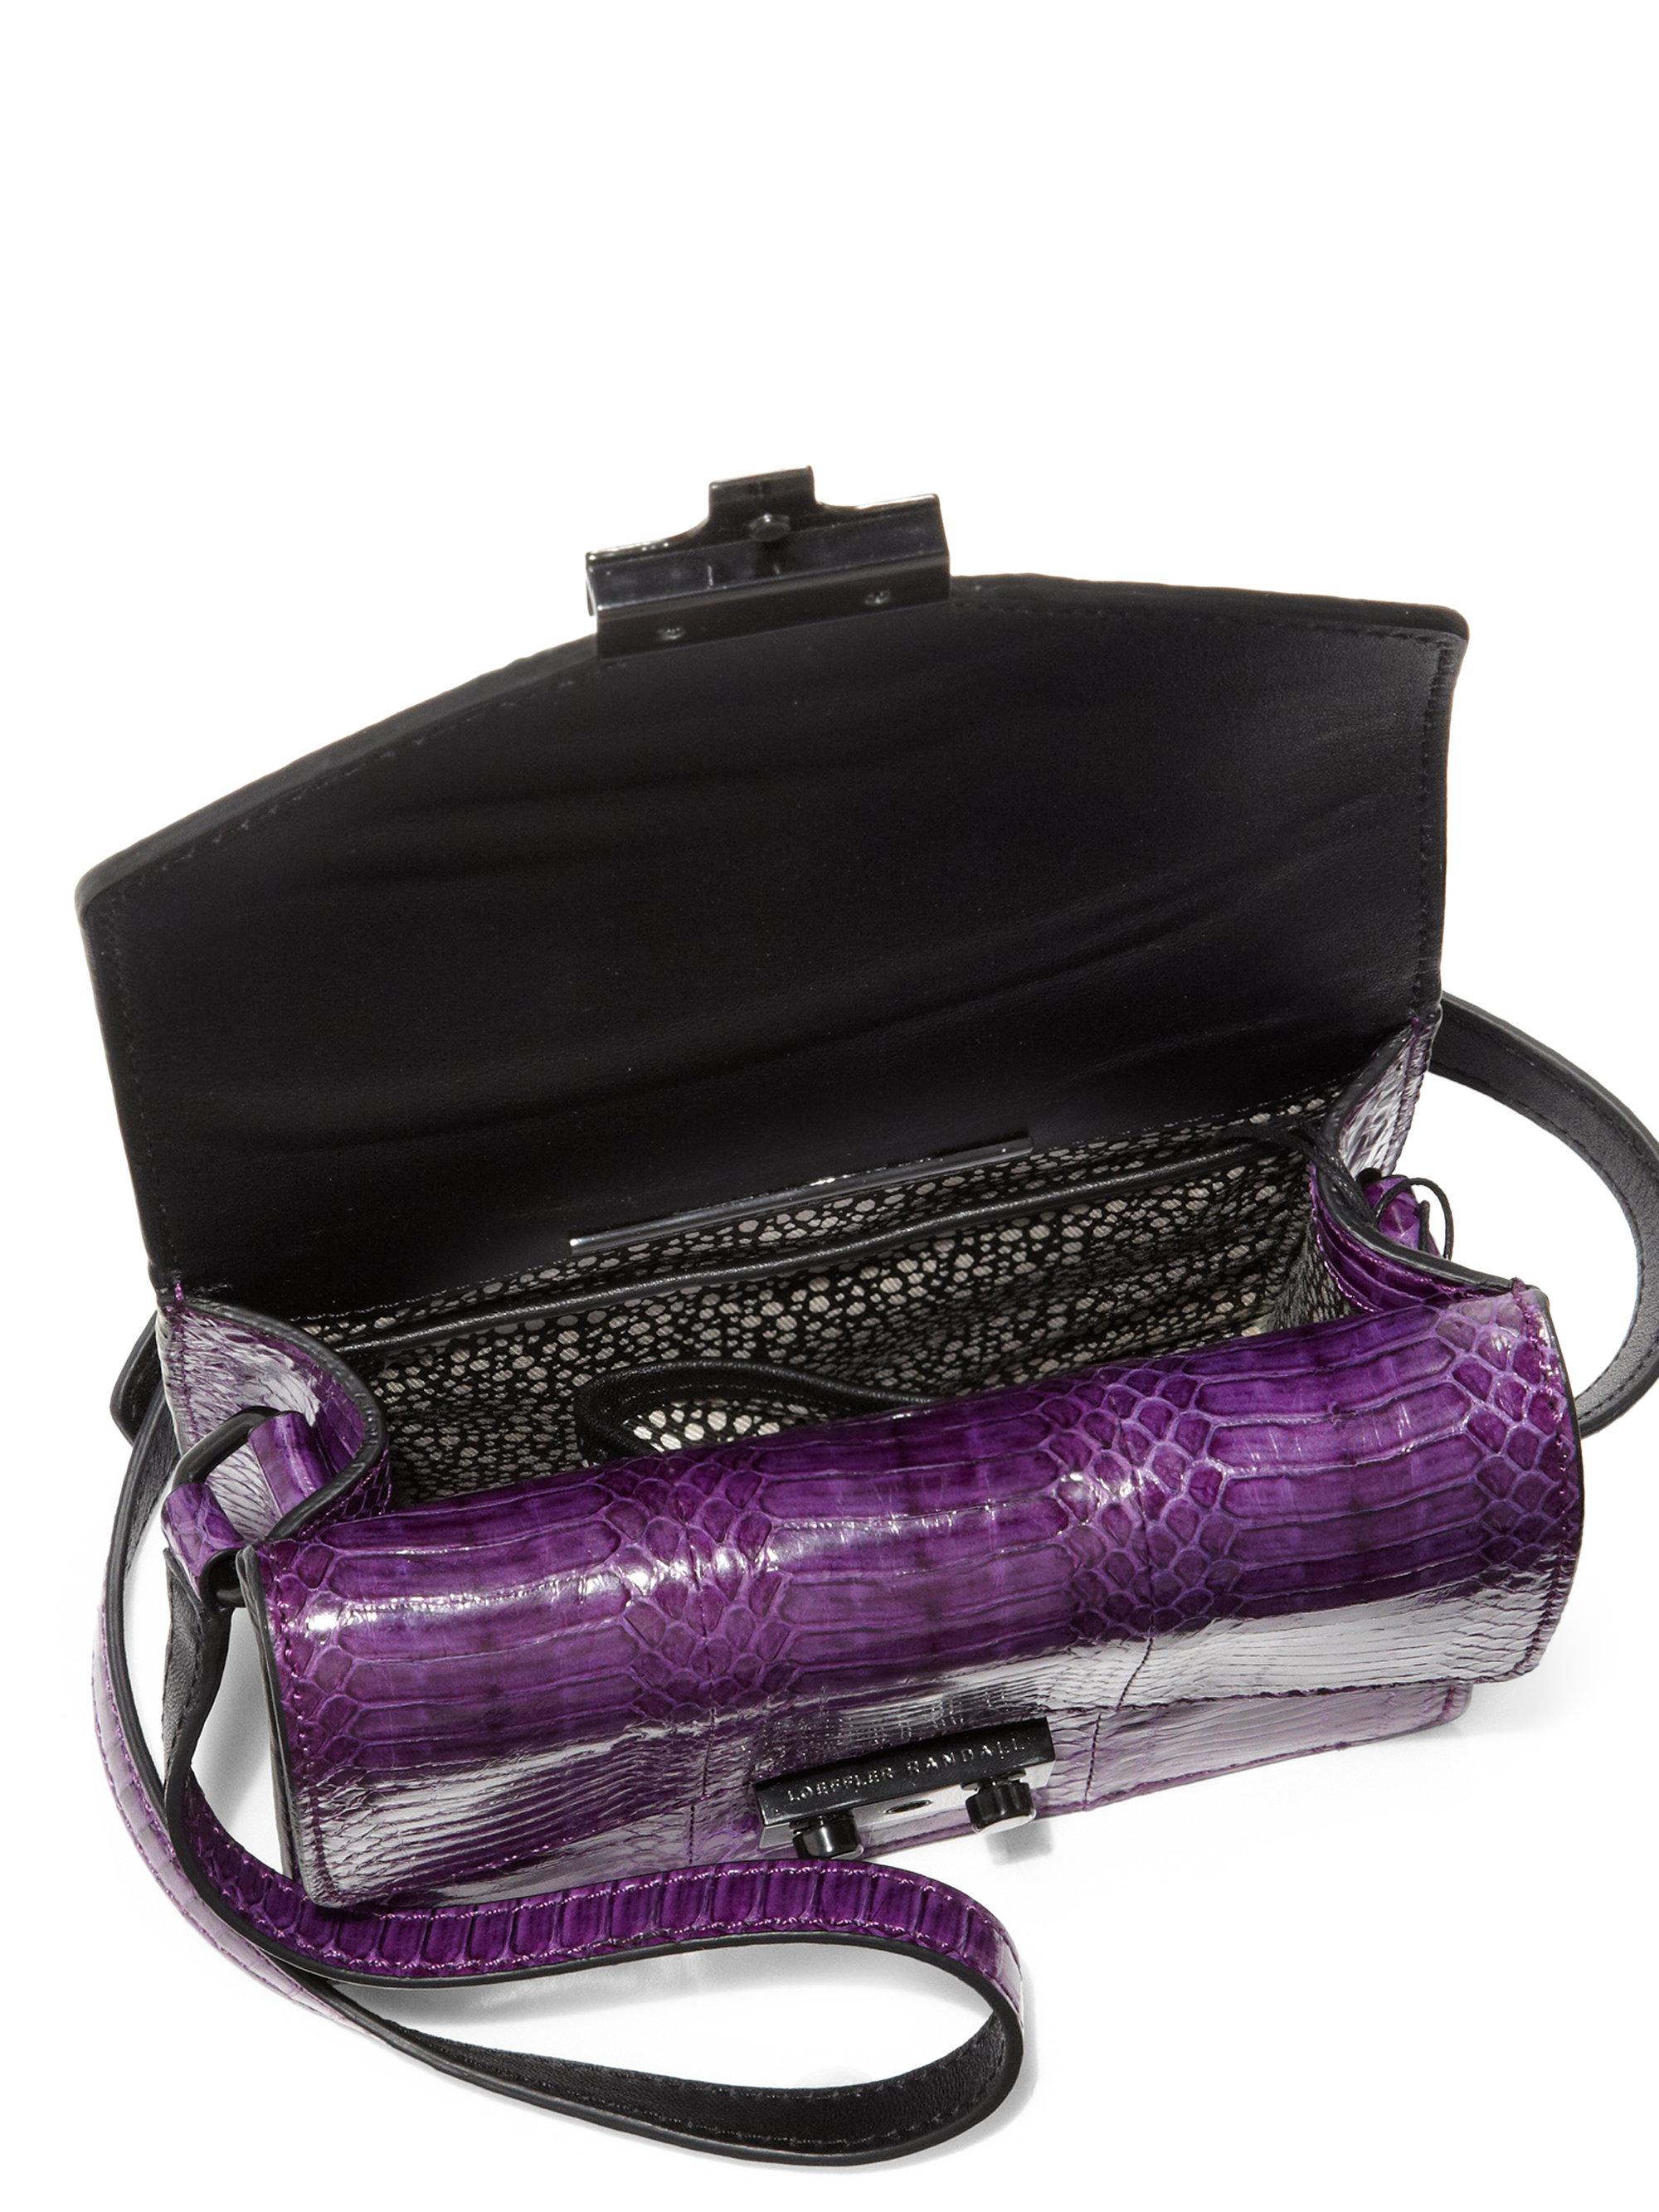 Loeffler Randall Mini Agenda Snakeskin Crossbody Bag In